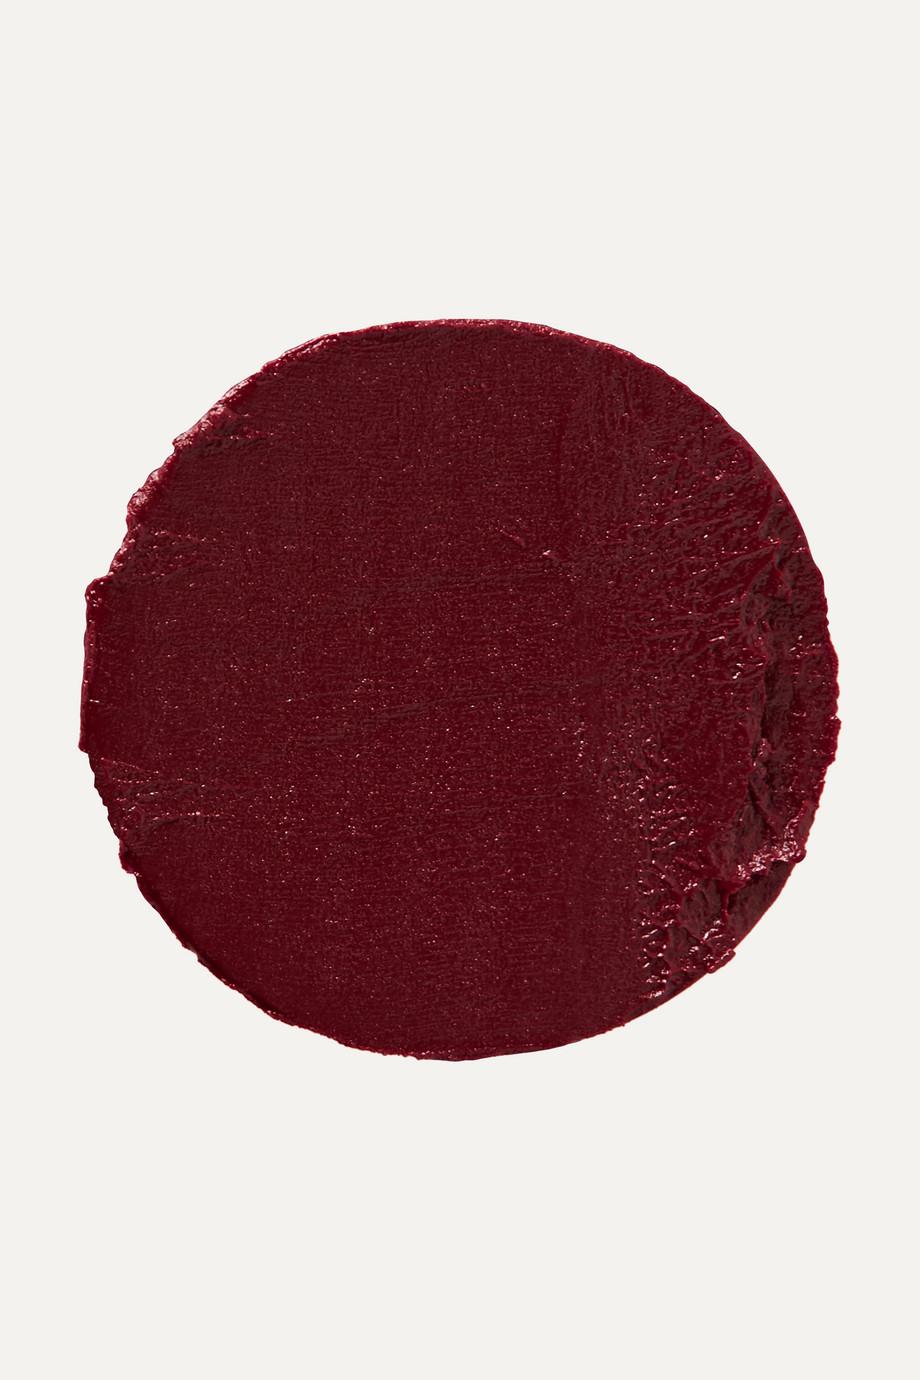 Lipstick Queen Sinner Lipstick – Red Plum – Lippenstift